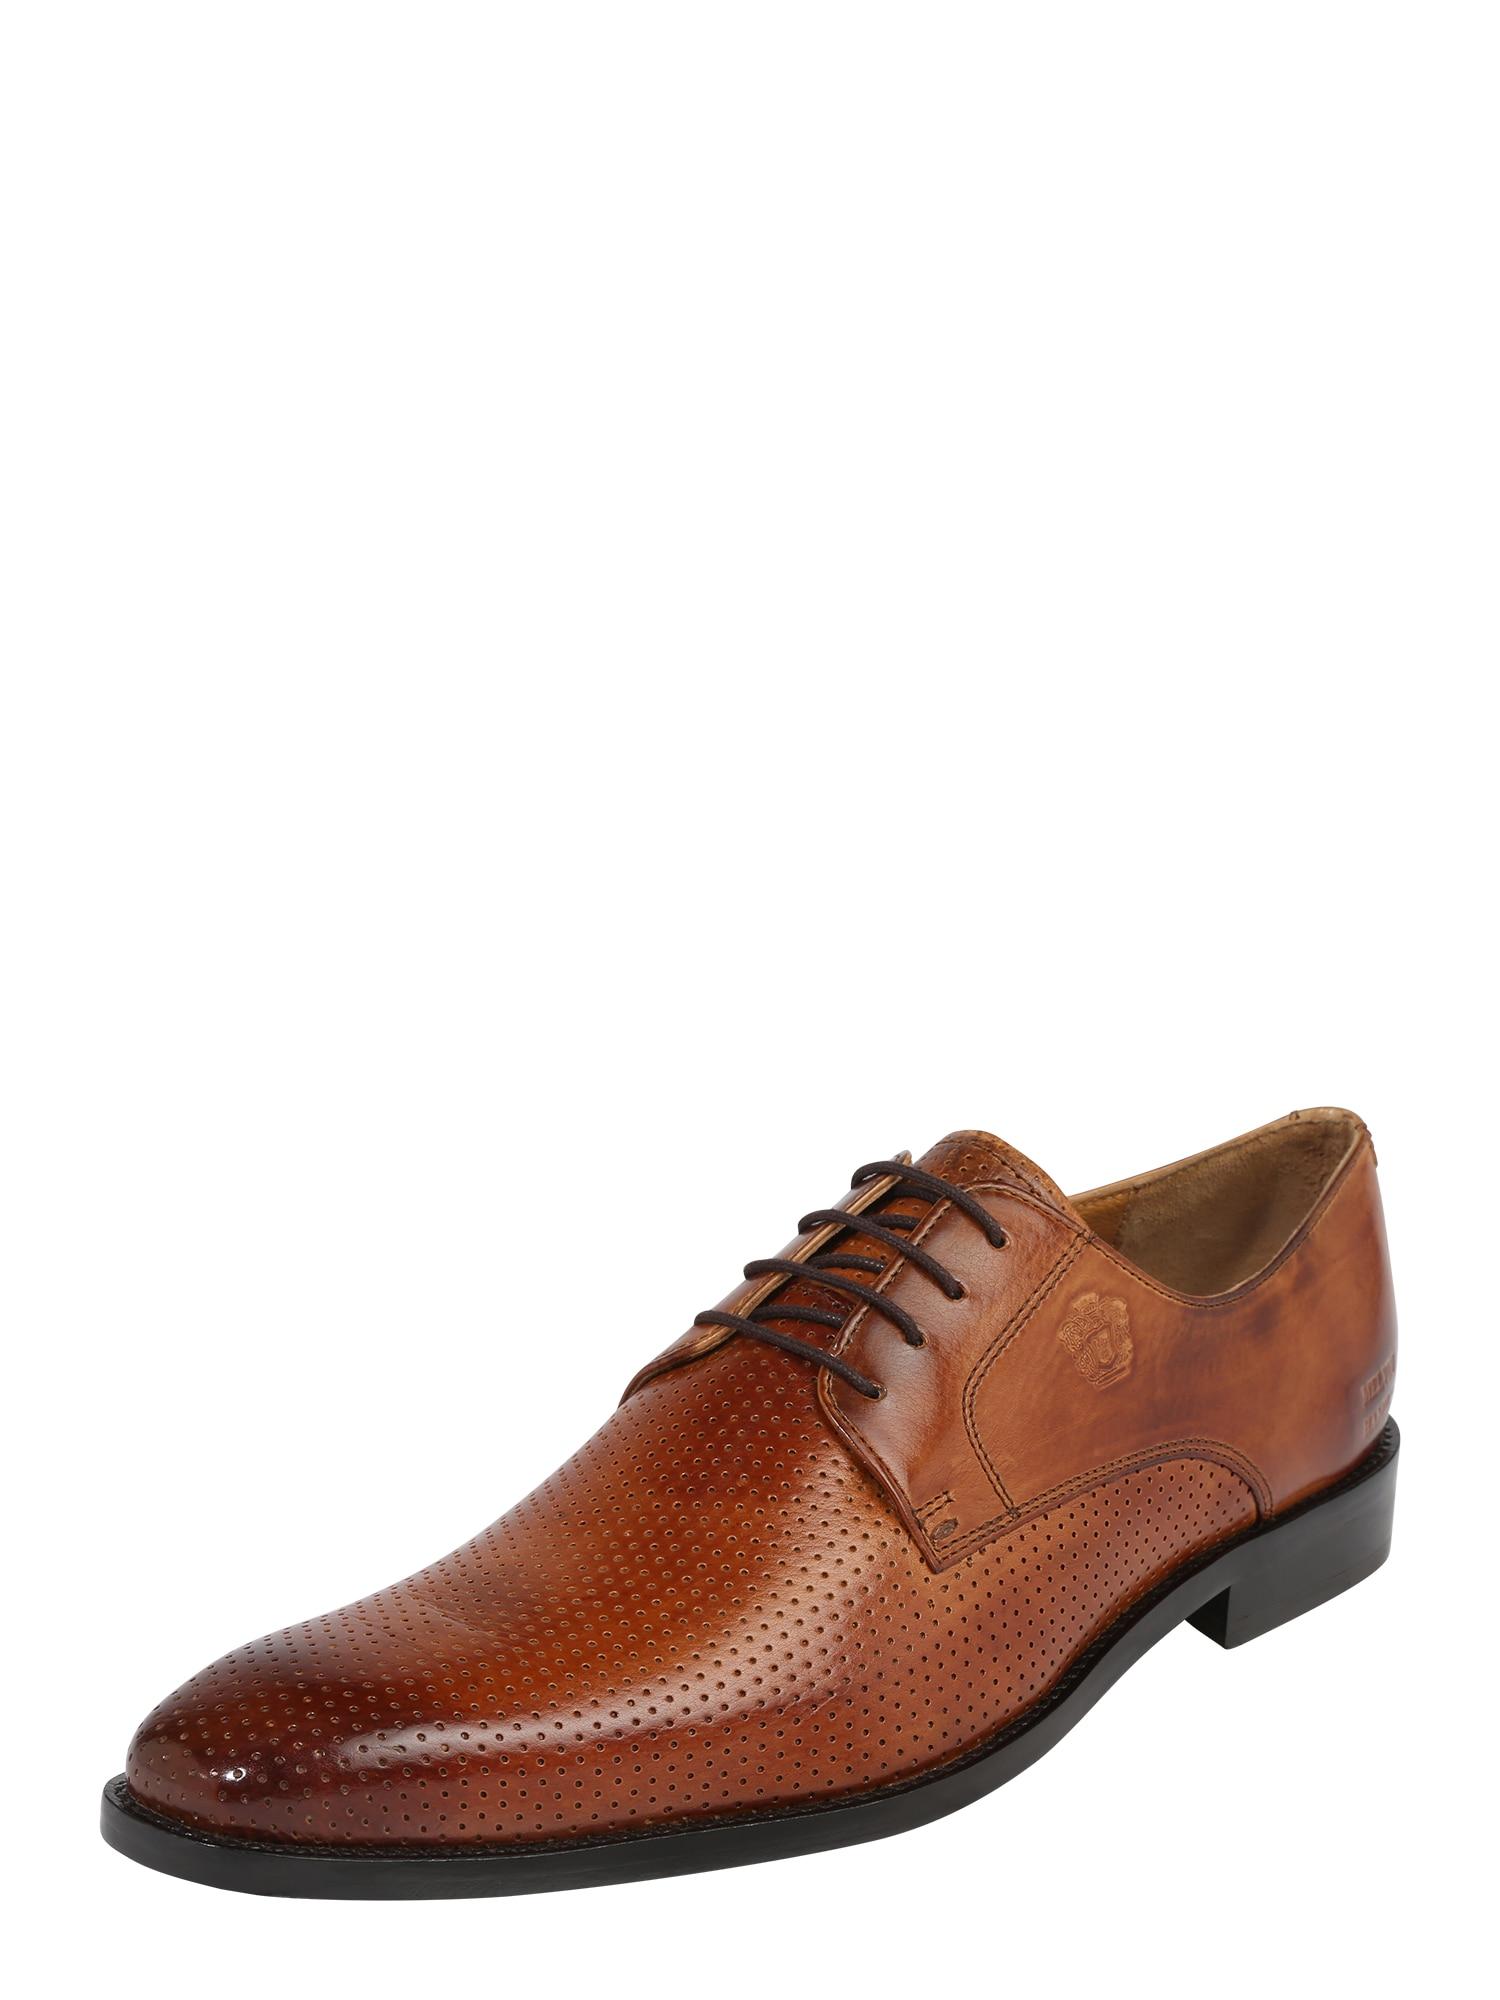 Šněrovací boty Martin 1 hnědá MELVIN & HAMILTON